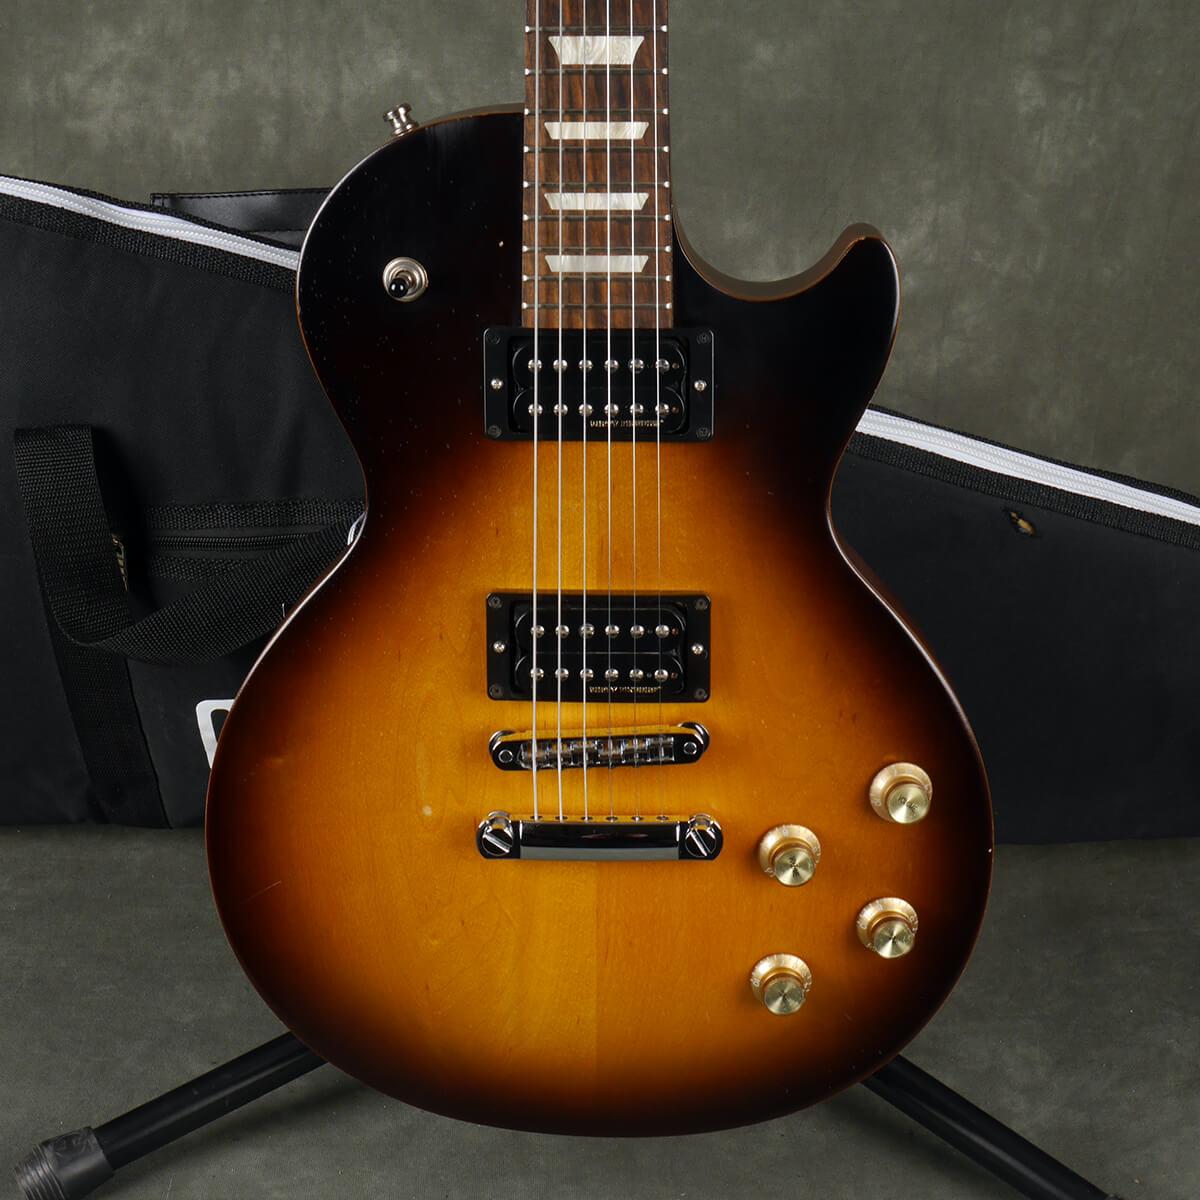 Gibson 2013 Les Paul 70s Tribute - Sunburst w/Gig Bag - 2nd Hand